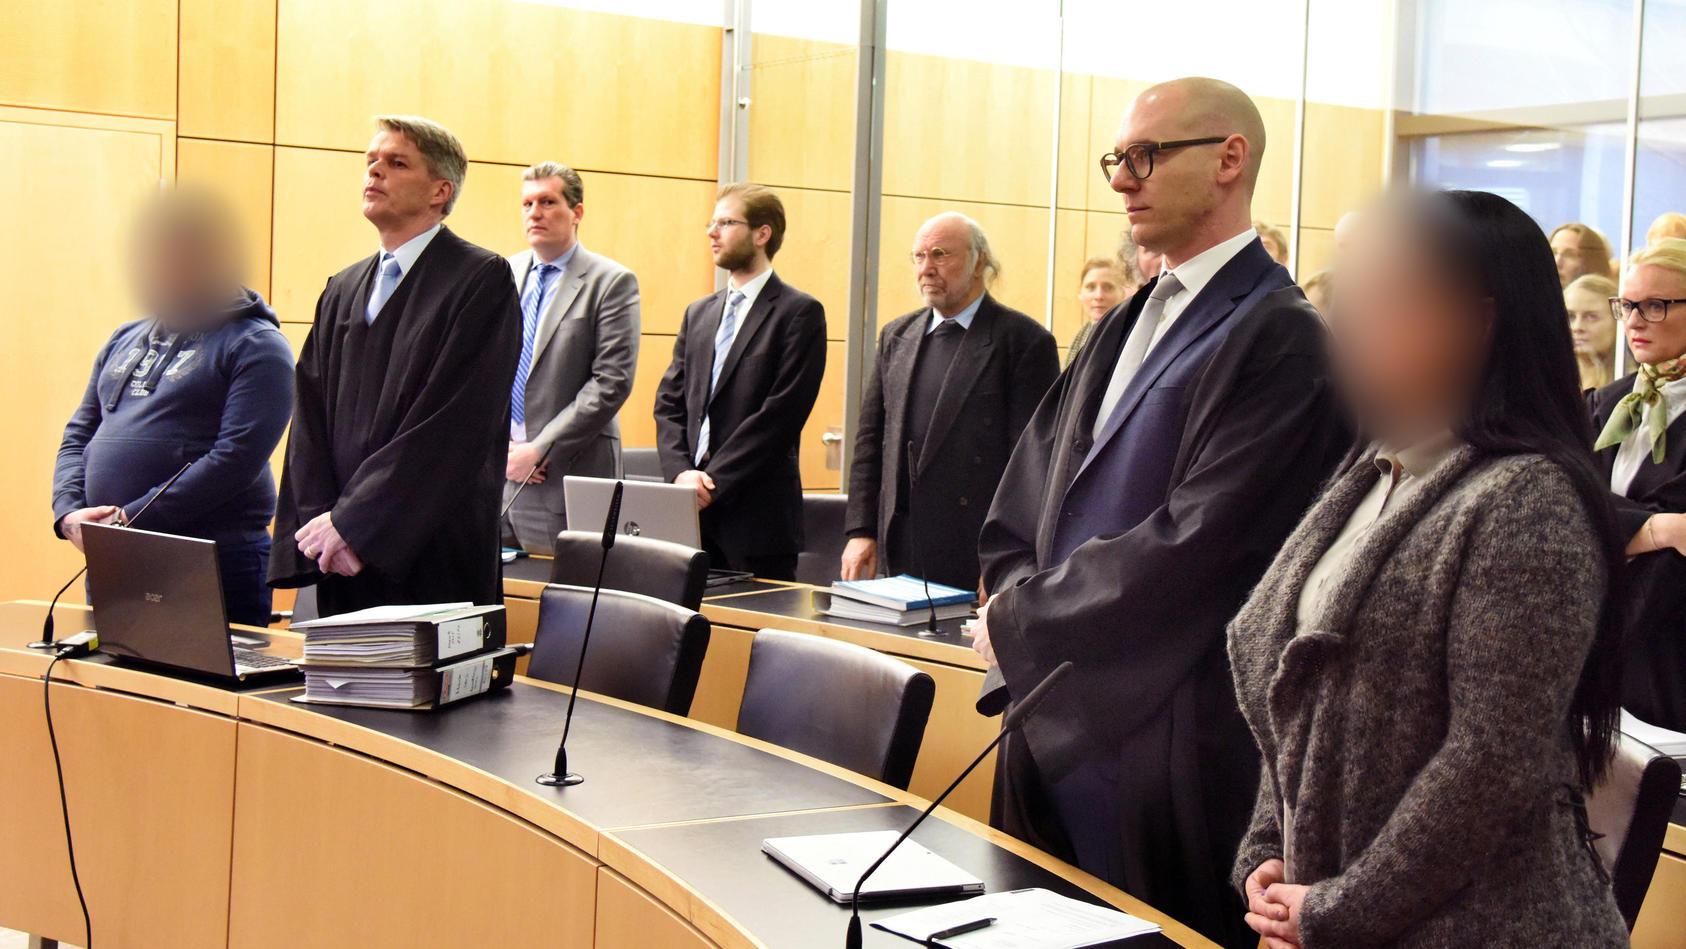 Mordprozess in Darmstadt: Die Angeklagten schweigen.